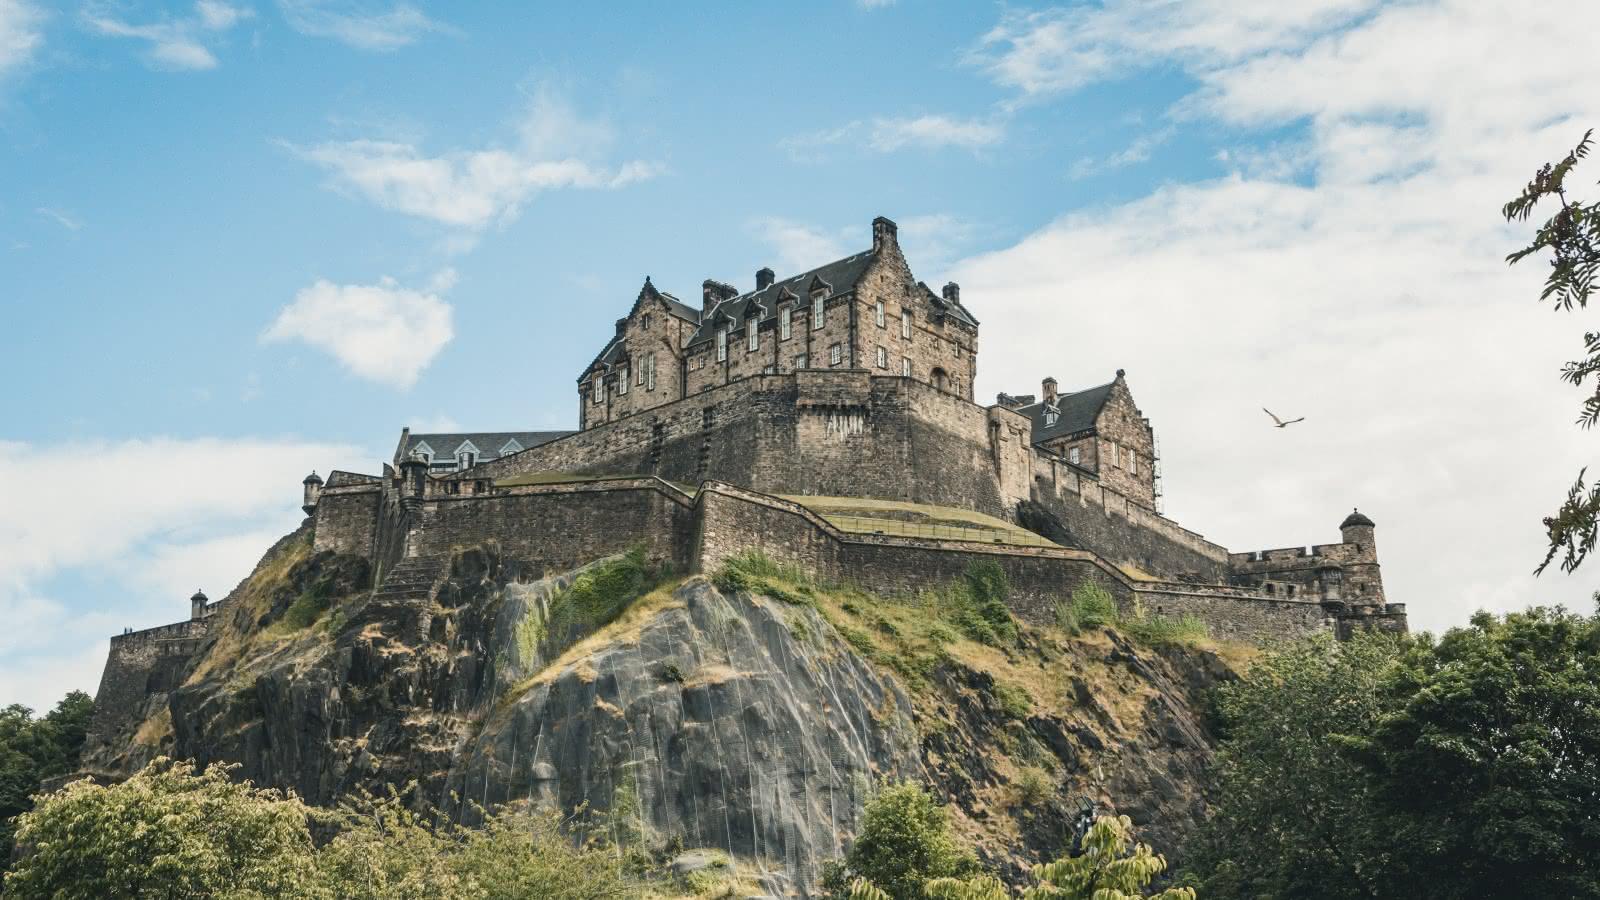 4. Edinburgh Castle